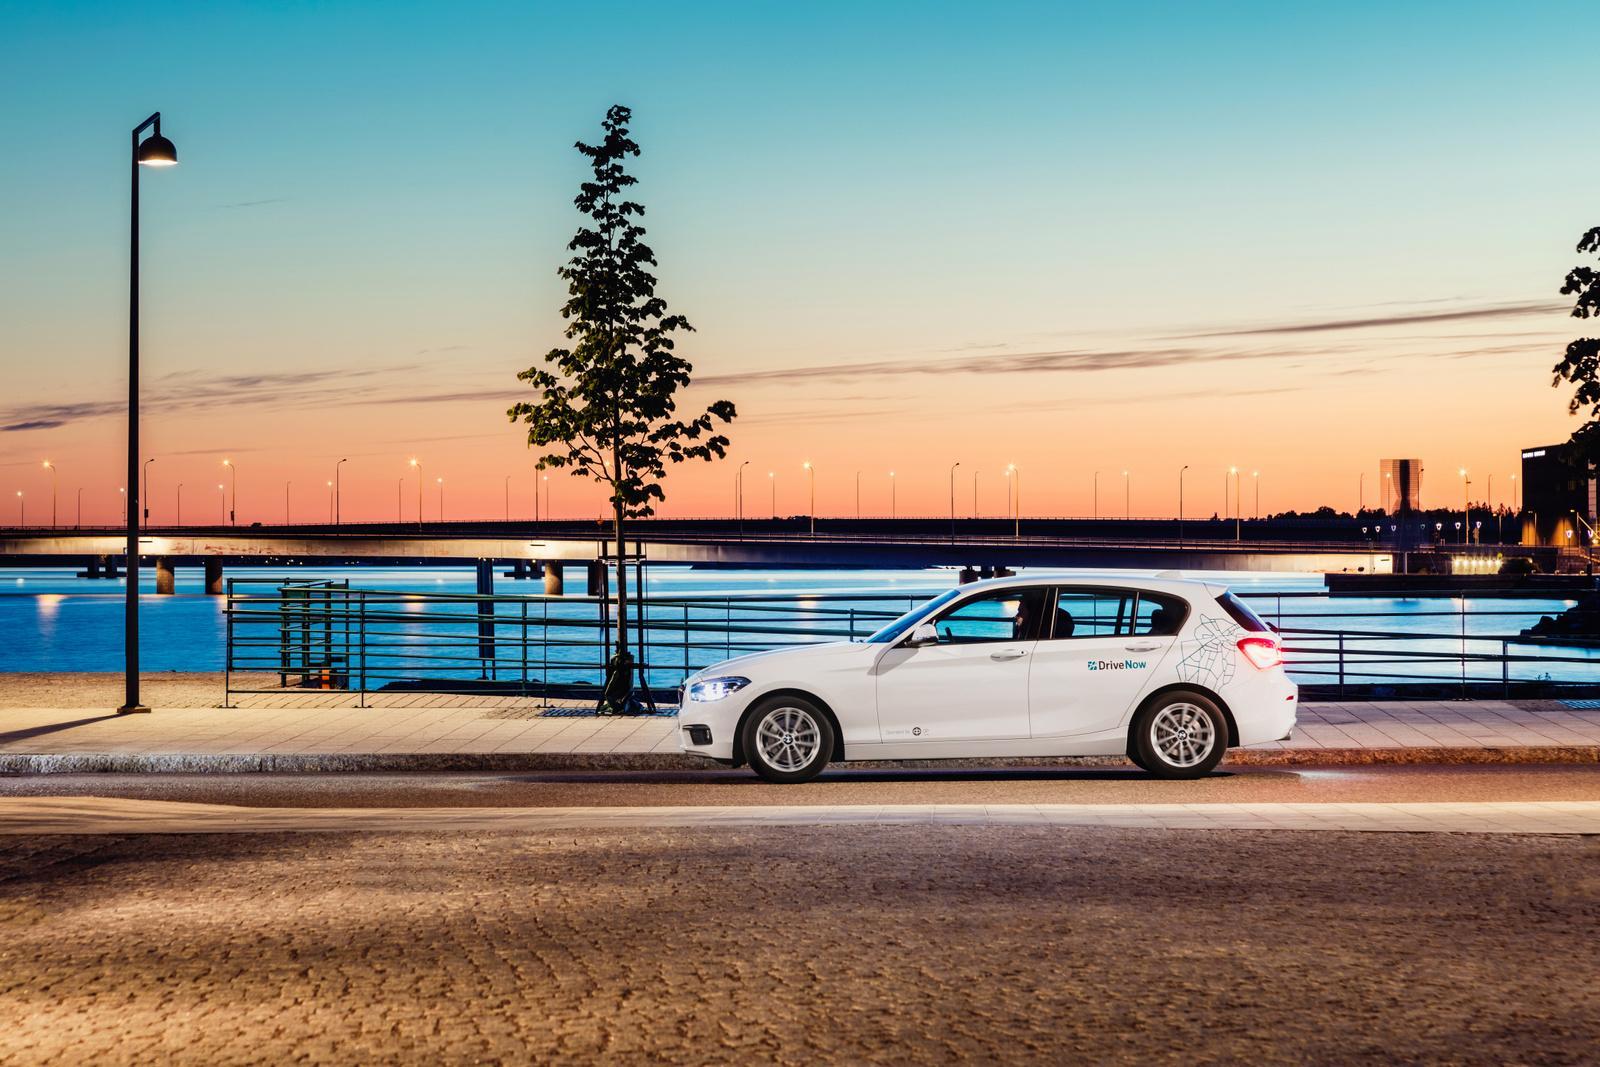 DriveNow_Helsinki_BMW_Driving_02-002